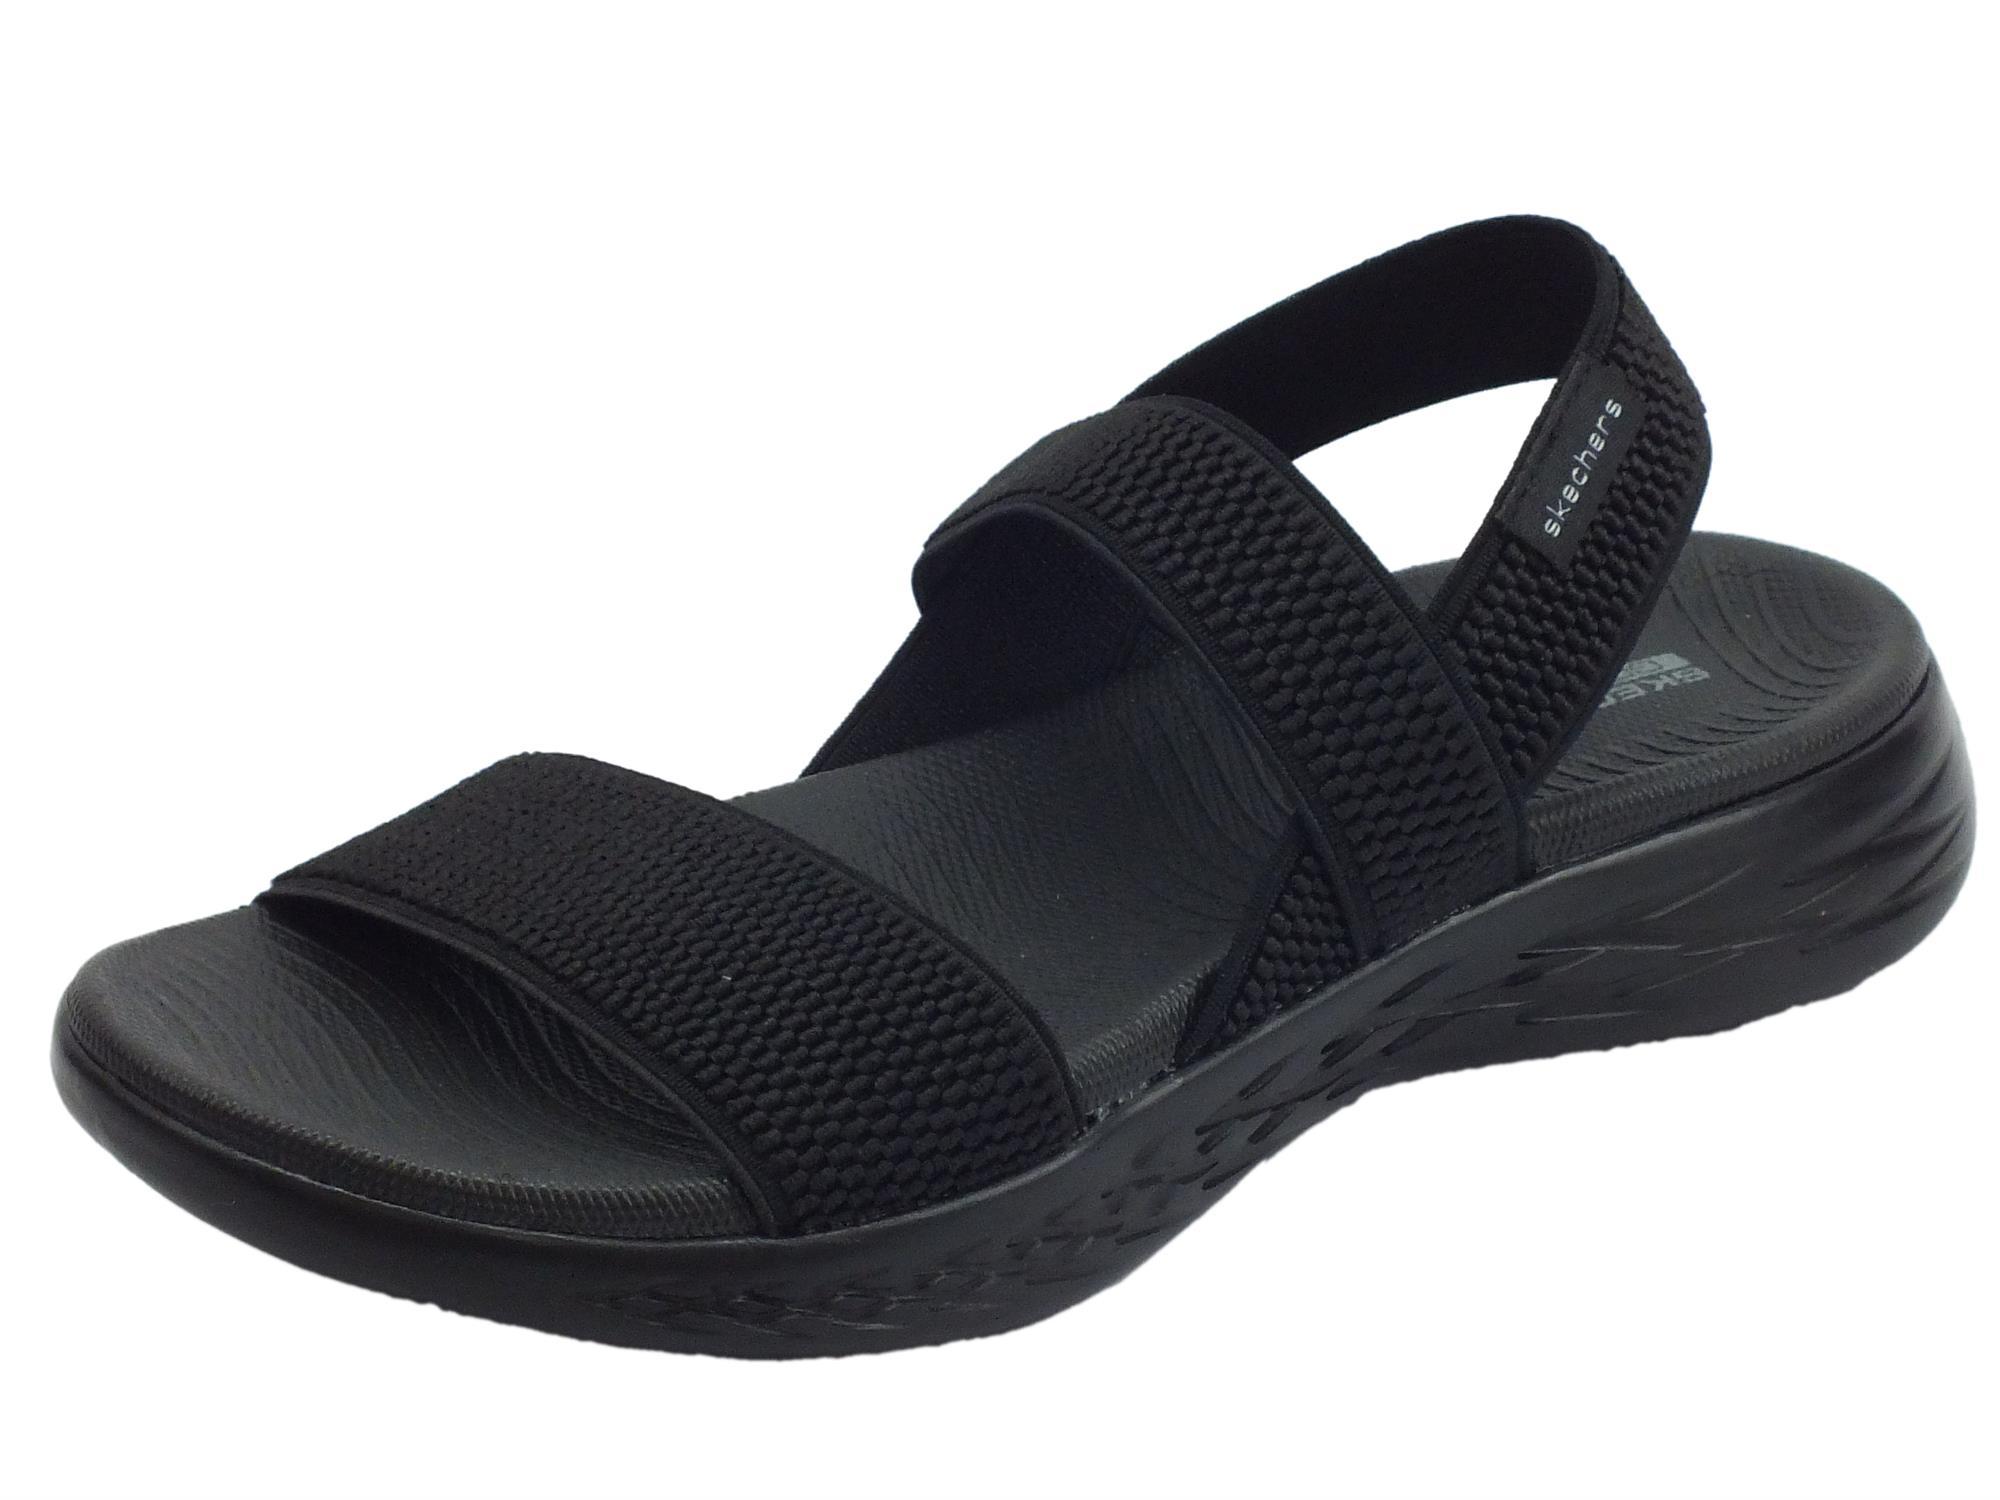 Skechers Sandalo Donna Nero   Glemod